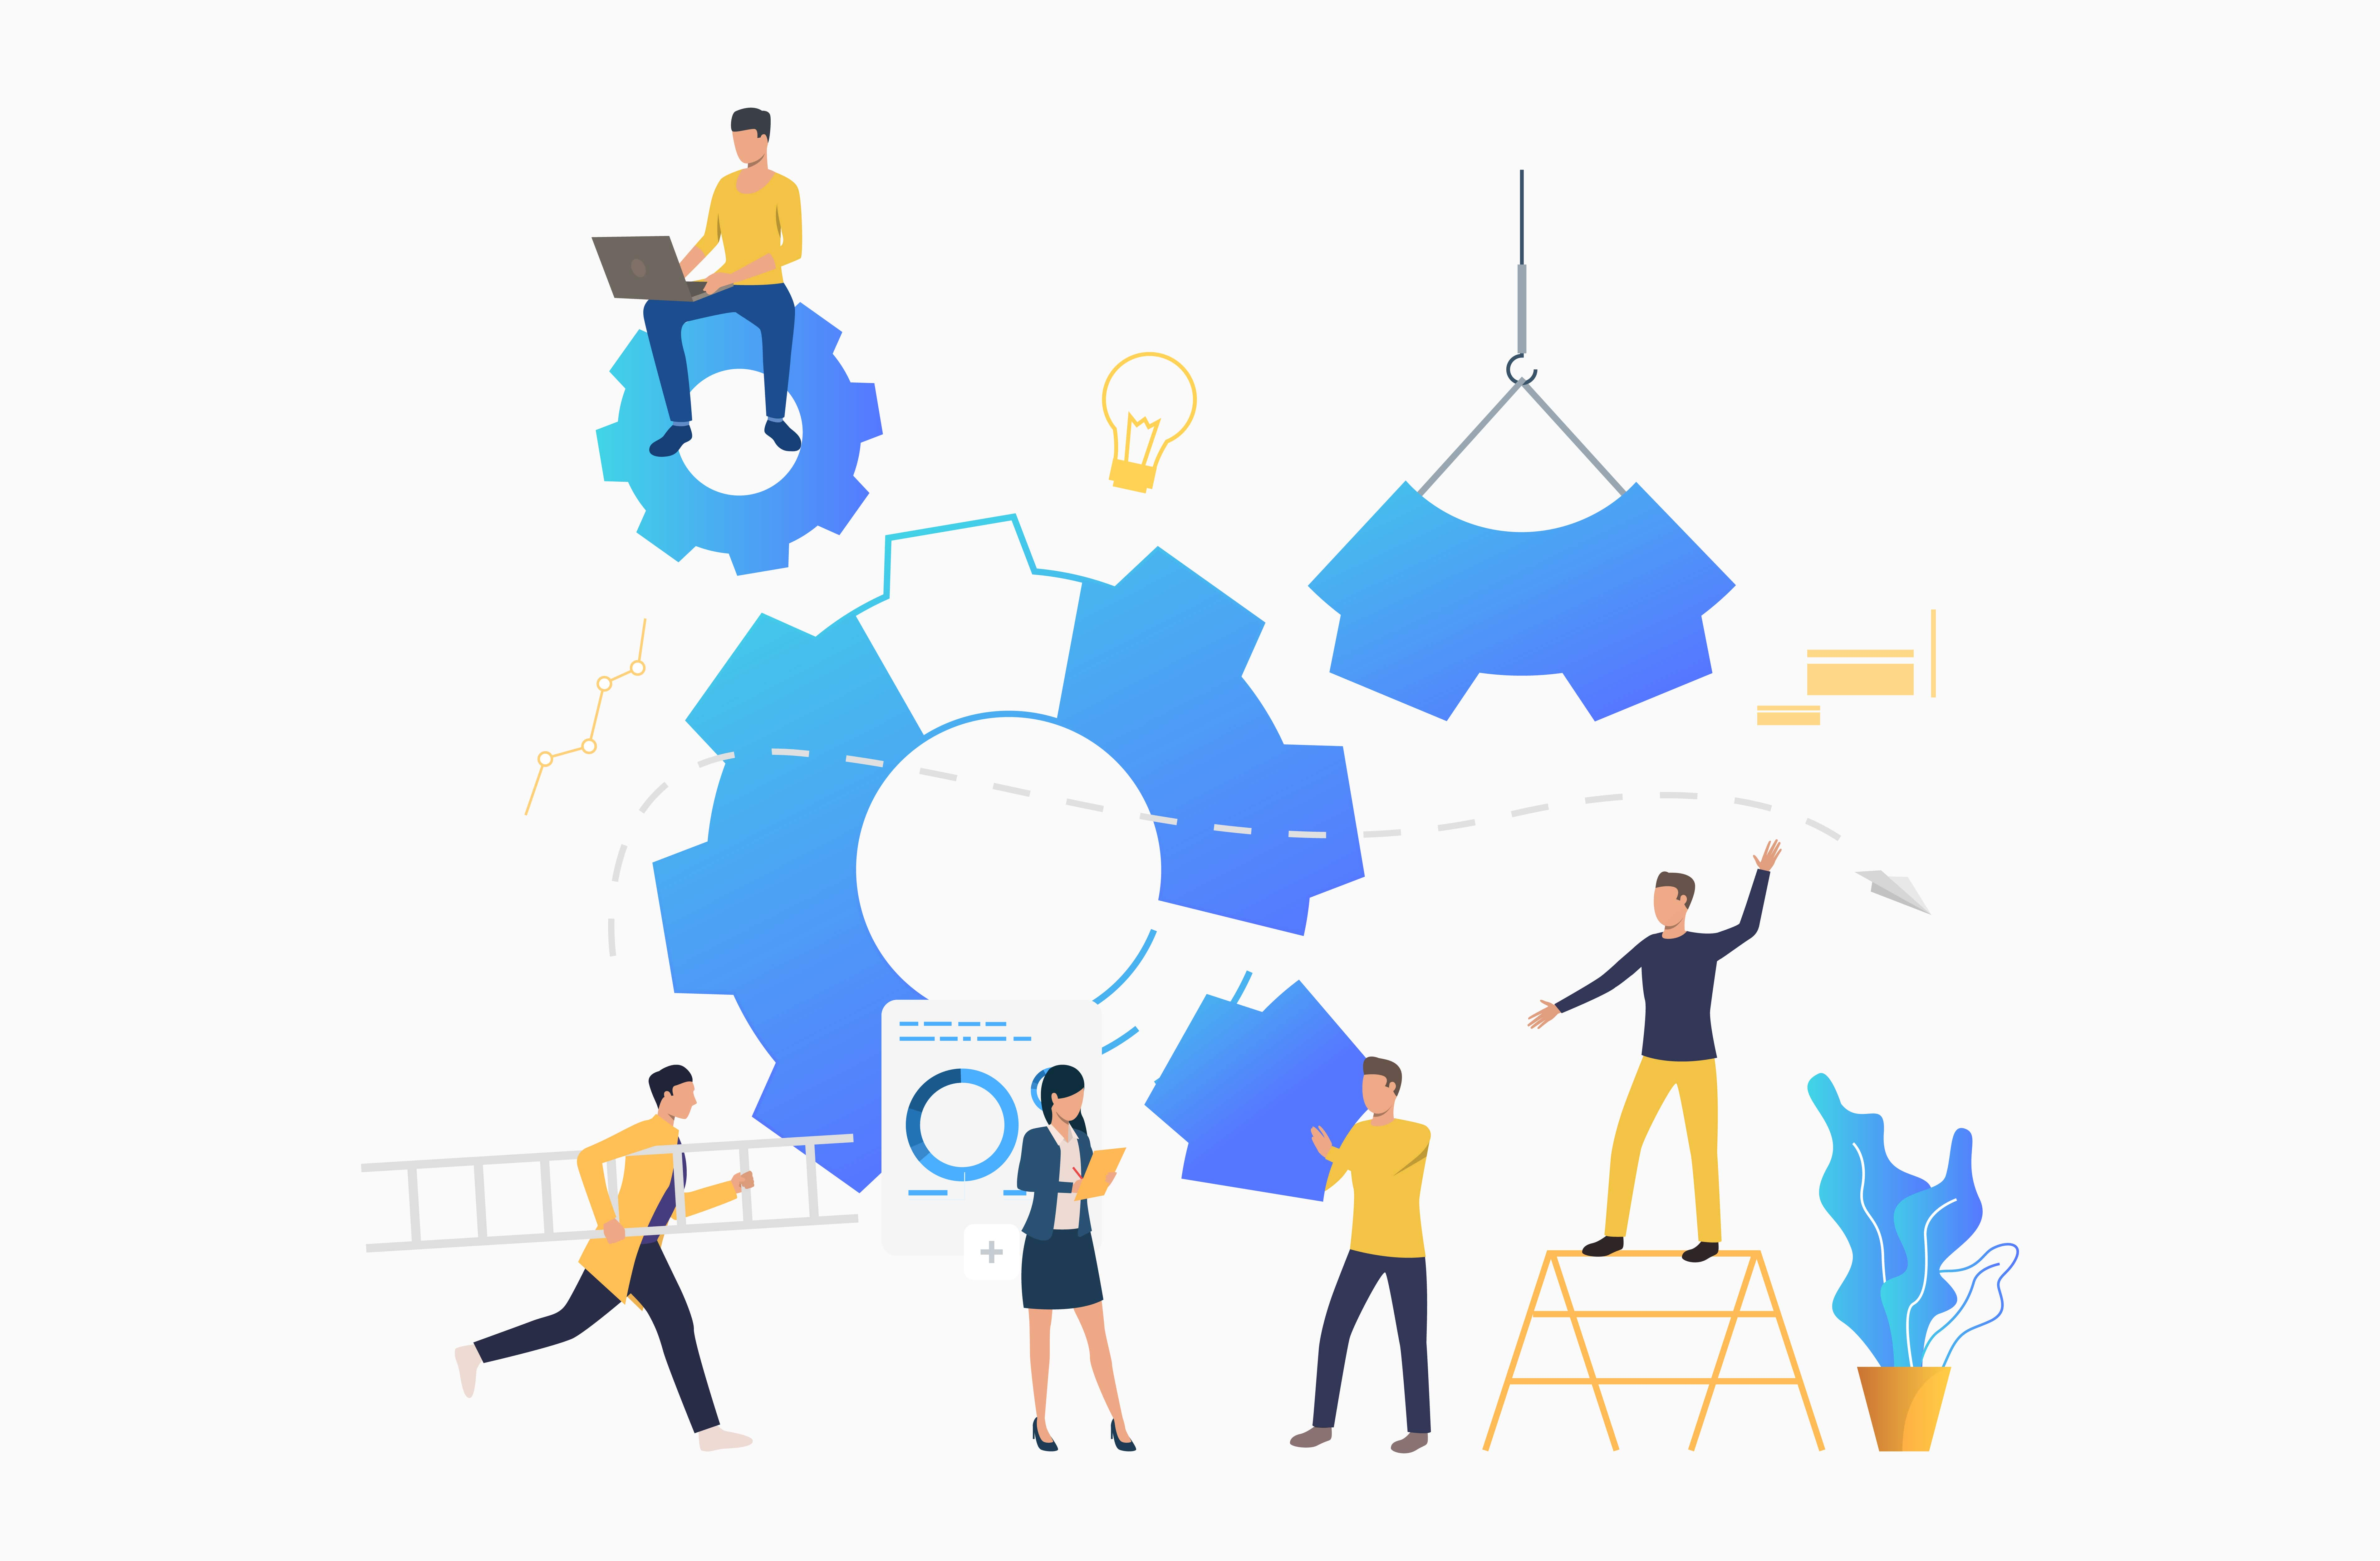 kollaboratives-arbeiten-zusammenarbeit